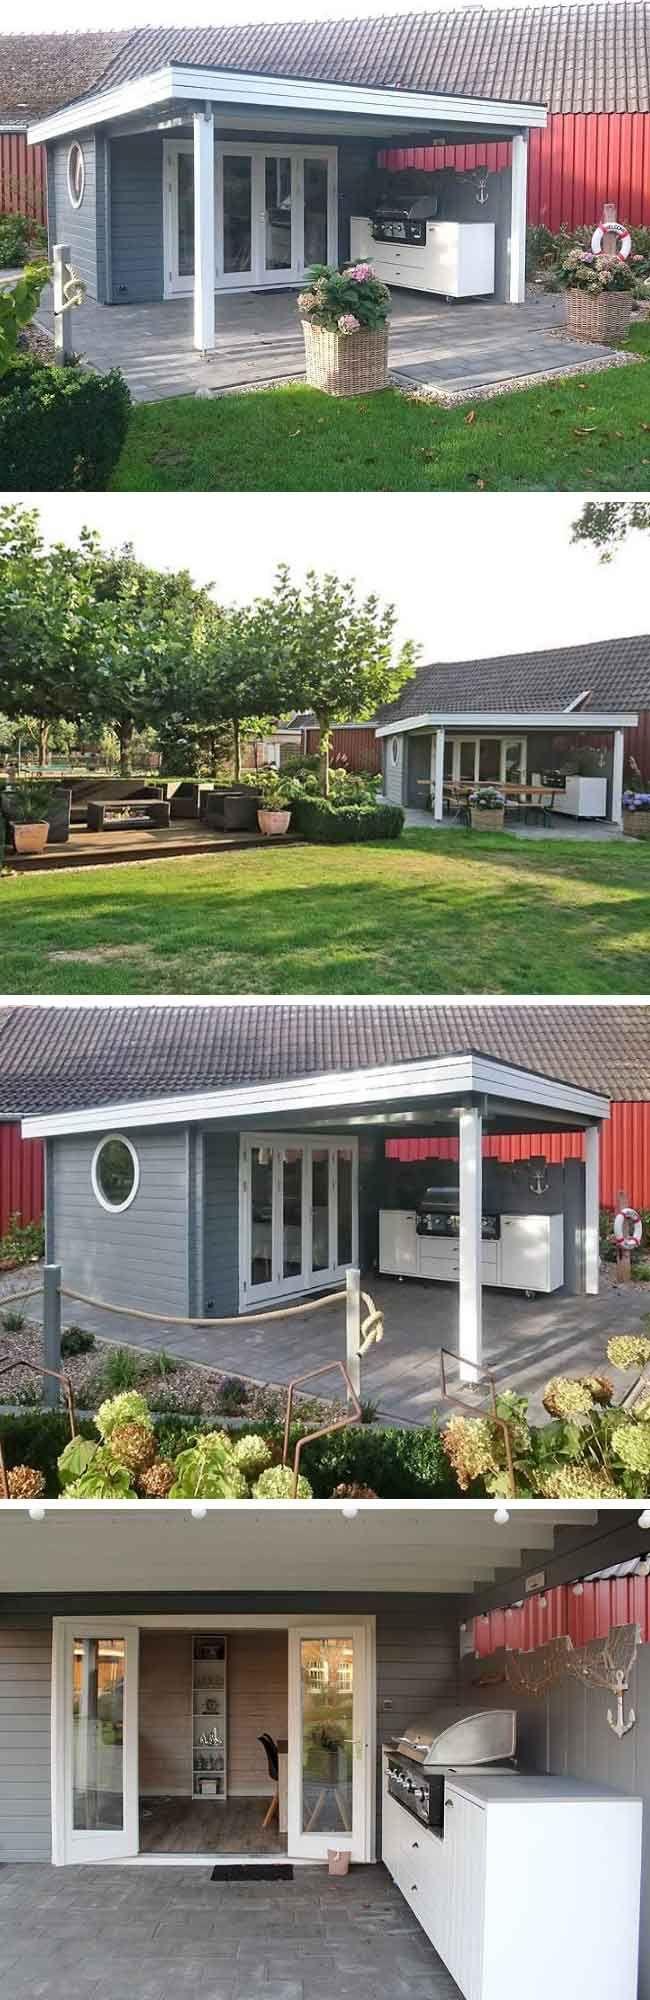 Urlaub zuhause: Gartenhaus Holstein wird